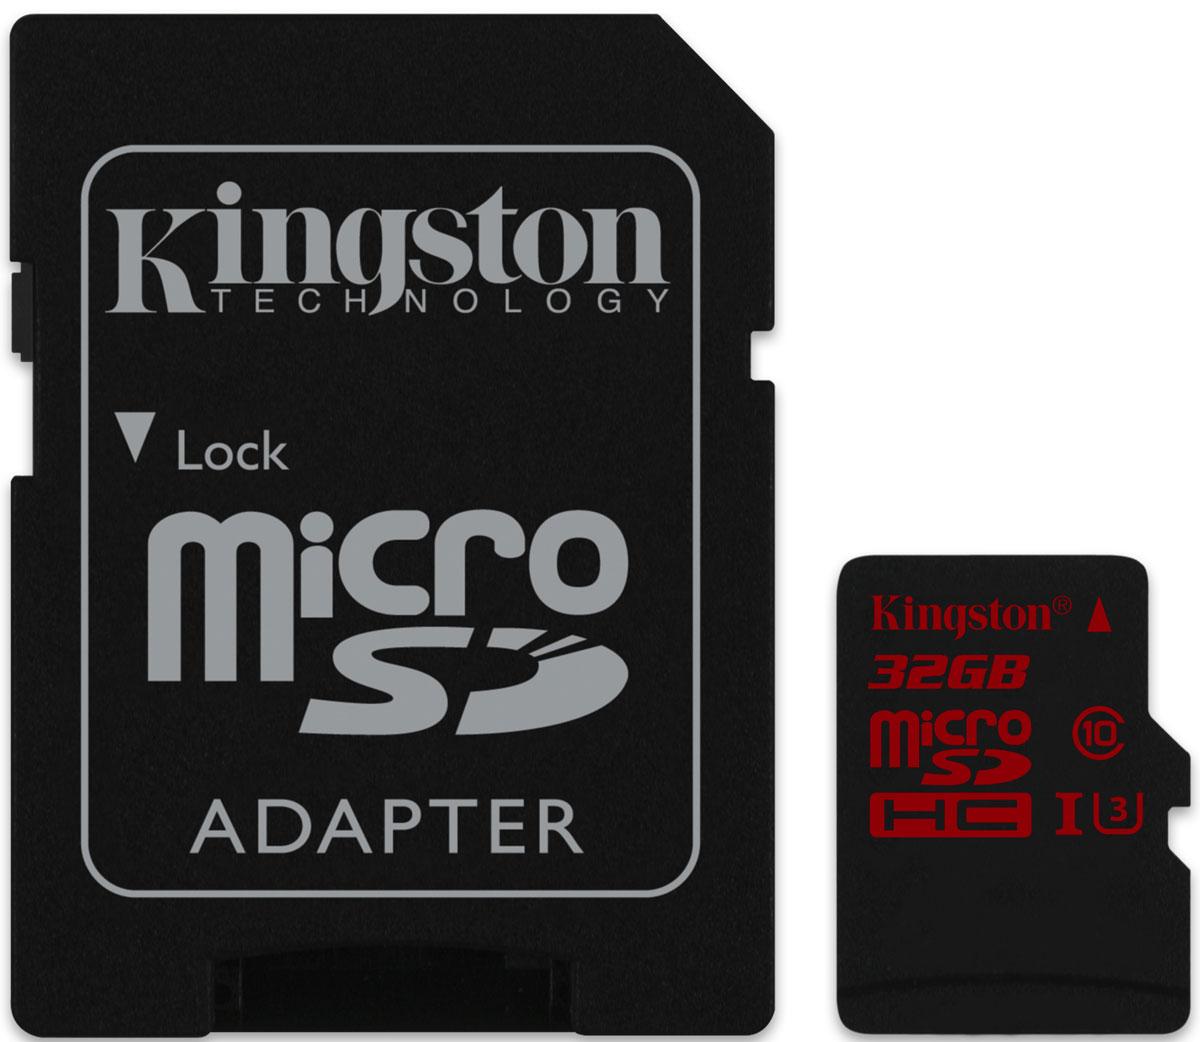 Kingston microSDHC Class 10 U3 UHS-I 32GB карта памяти с адаптеромSDCA3/32GBКарта памяти microSDHC UHS-I U3 компании Kingston обеспечивает высокую скорость класса UHS-I Class U3 до 90МБ/с (для чтения) и до 80МБ/с для записи, что позволяет записывать видео в формате Full HD (1080p), Ultra HD (2160p), 3D и 4K кинематографического качества при помощи высокопроизводительных компактных устройств, таких как смартфоны и камеры GoPro. Она также отлично подходит для прямых телевизионных трансляций и записей. Карта памяти обеспечивает высокую скорость копирования и редактирования, особенно в устройствах чтения карт памяти с интерфейсом USB 3.0. Повышенная постоянная скорость записи гарантирует целостность видео и позволяет делать серии снимков. Воспользуйтесь адаптером, чтобы использовать карту памяти в хост-устройствах SDHC со стандартным размером карты памяти SD, таких как камеры DSLR, видеокамеры и планшеты с большой диагональю экрана. Карта памяти microSDHC UHS-I U3 обеспечивает безопасное хранение фотографий, видео и других важных файлов даже в самых жестких условиях. Эта универсальная карта памяти протестирована на водонепроницаемость, защиту отэкстремальных температур, ударостойкость, виброустойчивость и защиту от рентгеновского излучения.